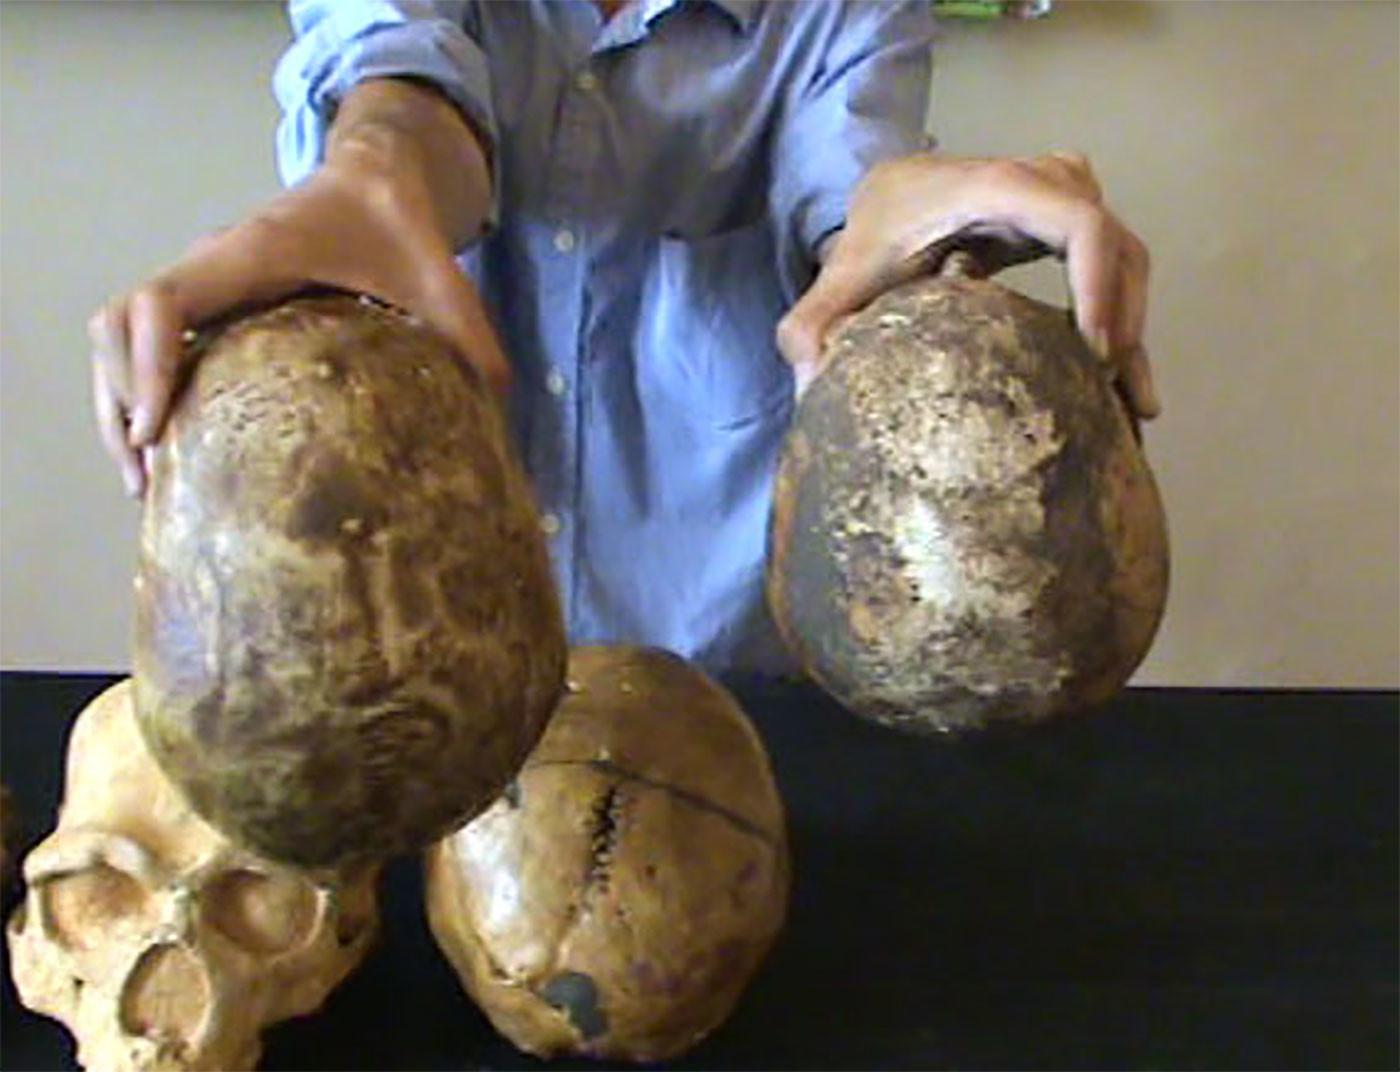 Слева — череп Homo sapiens из палеолита, справа — из нашего времени. Скриншот видео: youtube / Александр Соколов